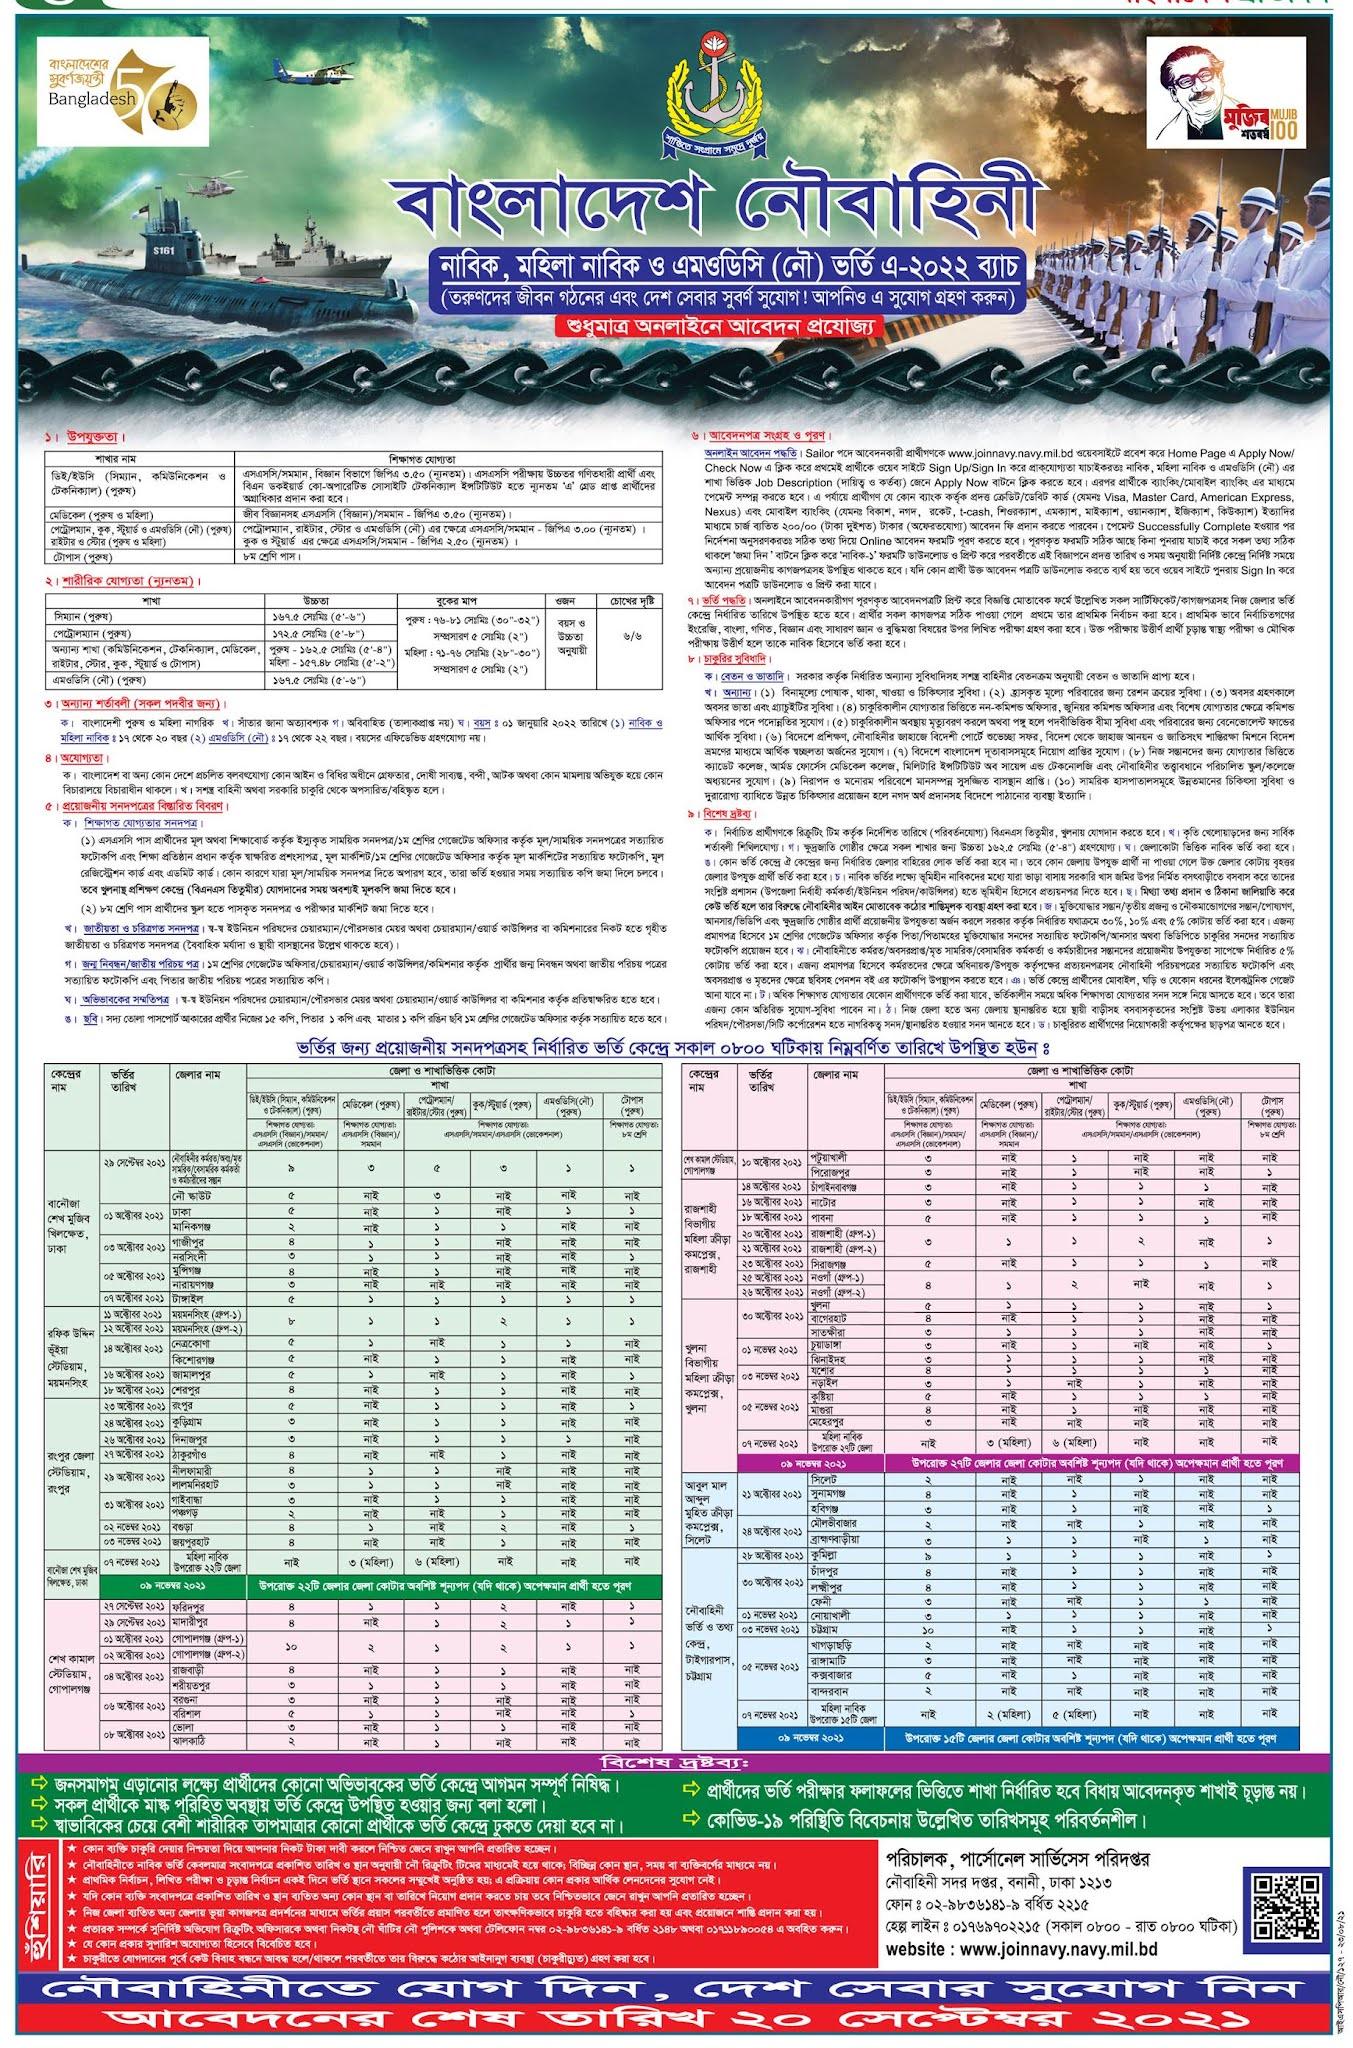 বাংলাদেশ নৌবাহিনী নাবিক পদে নিয়োগ বিজ্ঞপ্তি ২০২১ - Bangladesh Navy Sailor Job Circular 2021 - বাংলাদেশ নৌবাহিনী নিয়োগ বিজ্ঞপ্তি ২০২১ - বাংলাদেশ নৌবাহিনী নাবিক পদে নিয়োগ বিজ্ঞপ্তি ২০২২ - Bangladesh Navy Sailor Job Circular 2022 - বাংলাদেশ নৌবাহিনী নিয়োগ বিজ্ঞপ্তি ২০২২